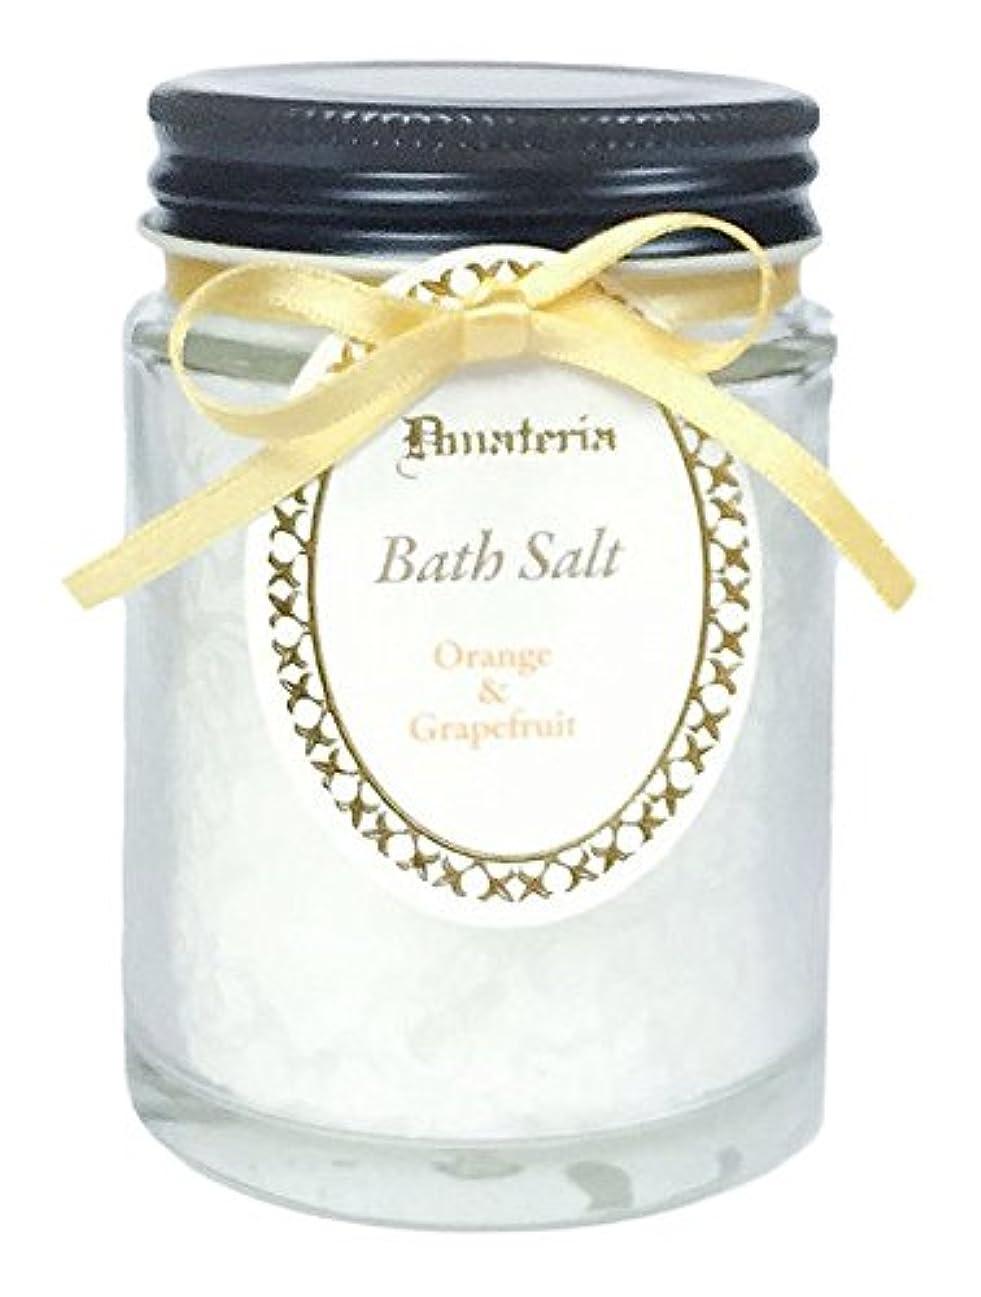 メルボルンシャーク滅びるD materia バスソルト オレンジ&グレープフルーツ Orange&Grapefruit Bath Salt ディーマテリア